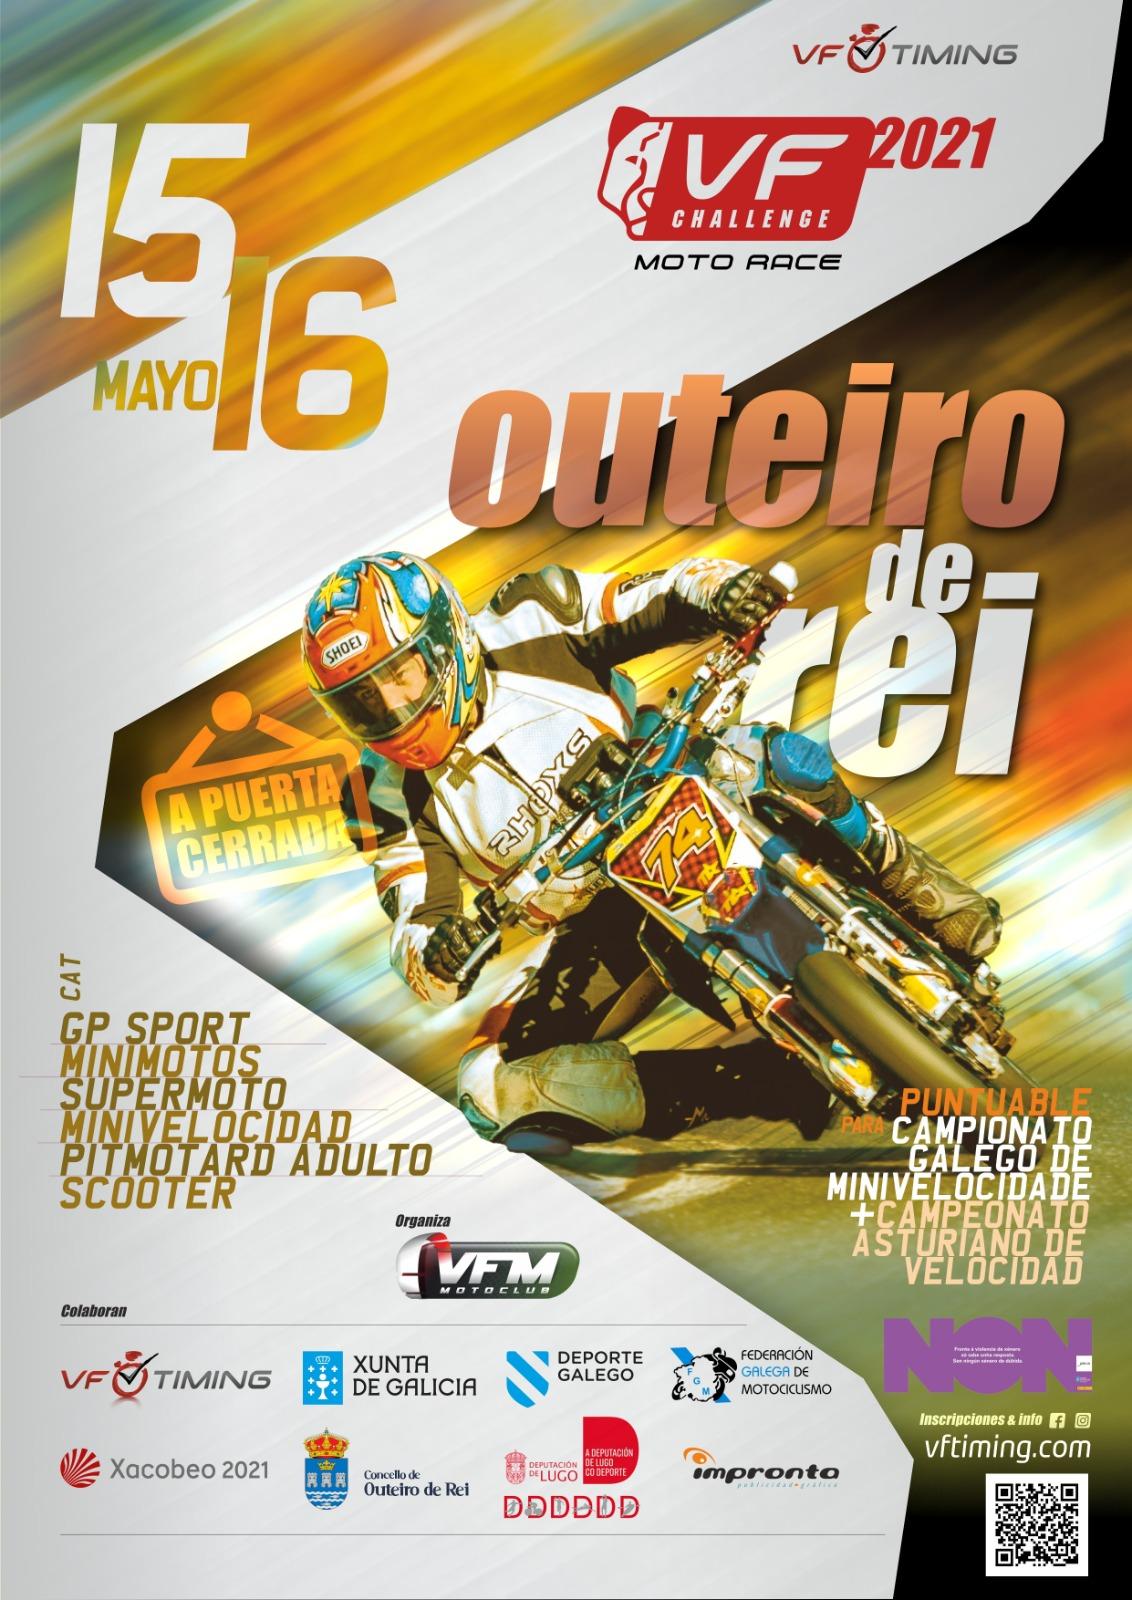 VF Challenge MR Outeiro - Cto Galego de Asturias de Velocidad